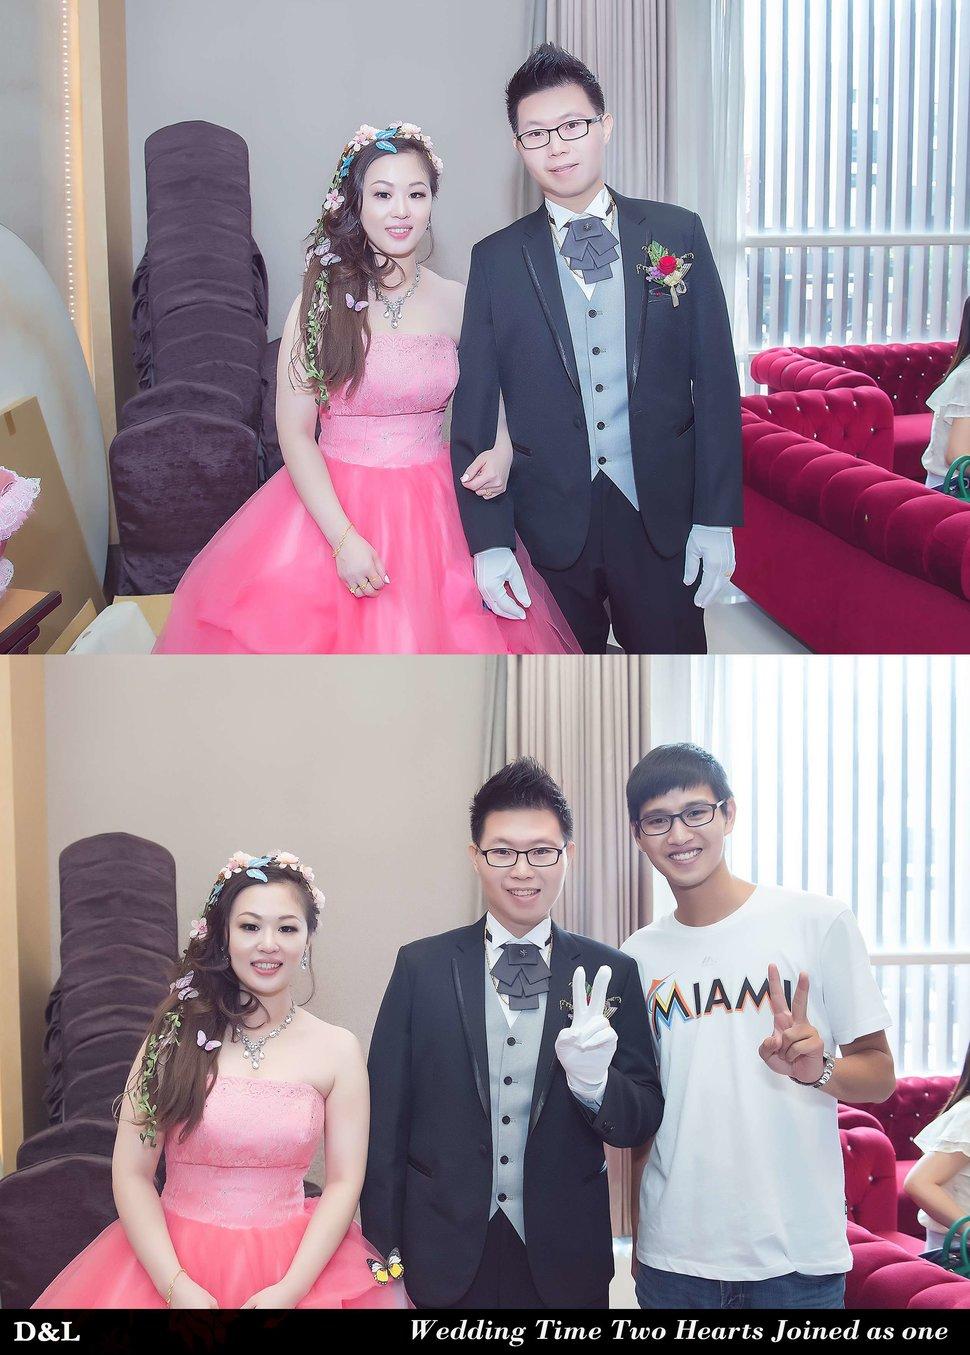 婚禮紀錄-顥天&美彣(編號:253208) - D&L 婚禮事務-婚紗攝影/婚禮記錄 - 結婚吧一站式婚禮服務平台